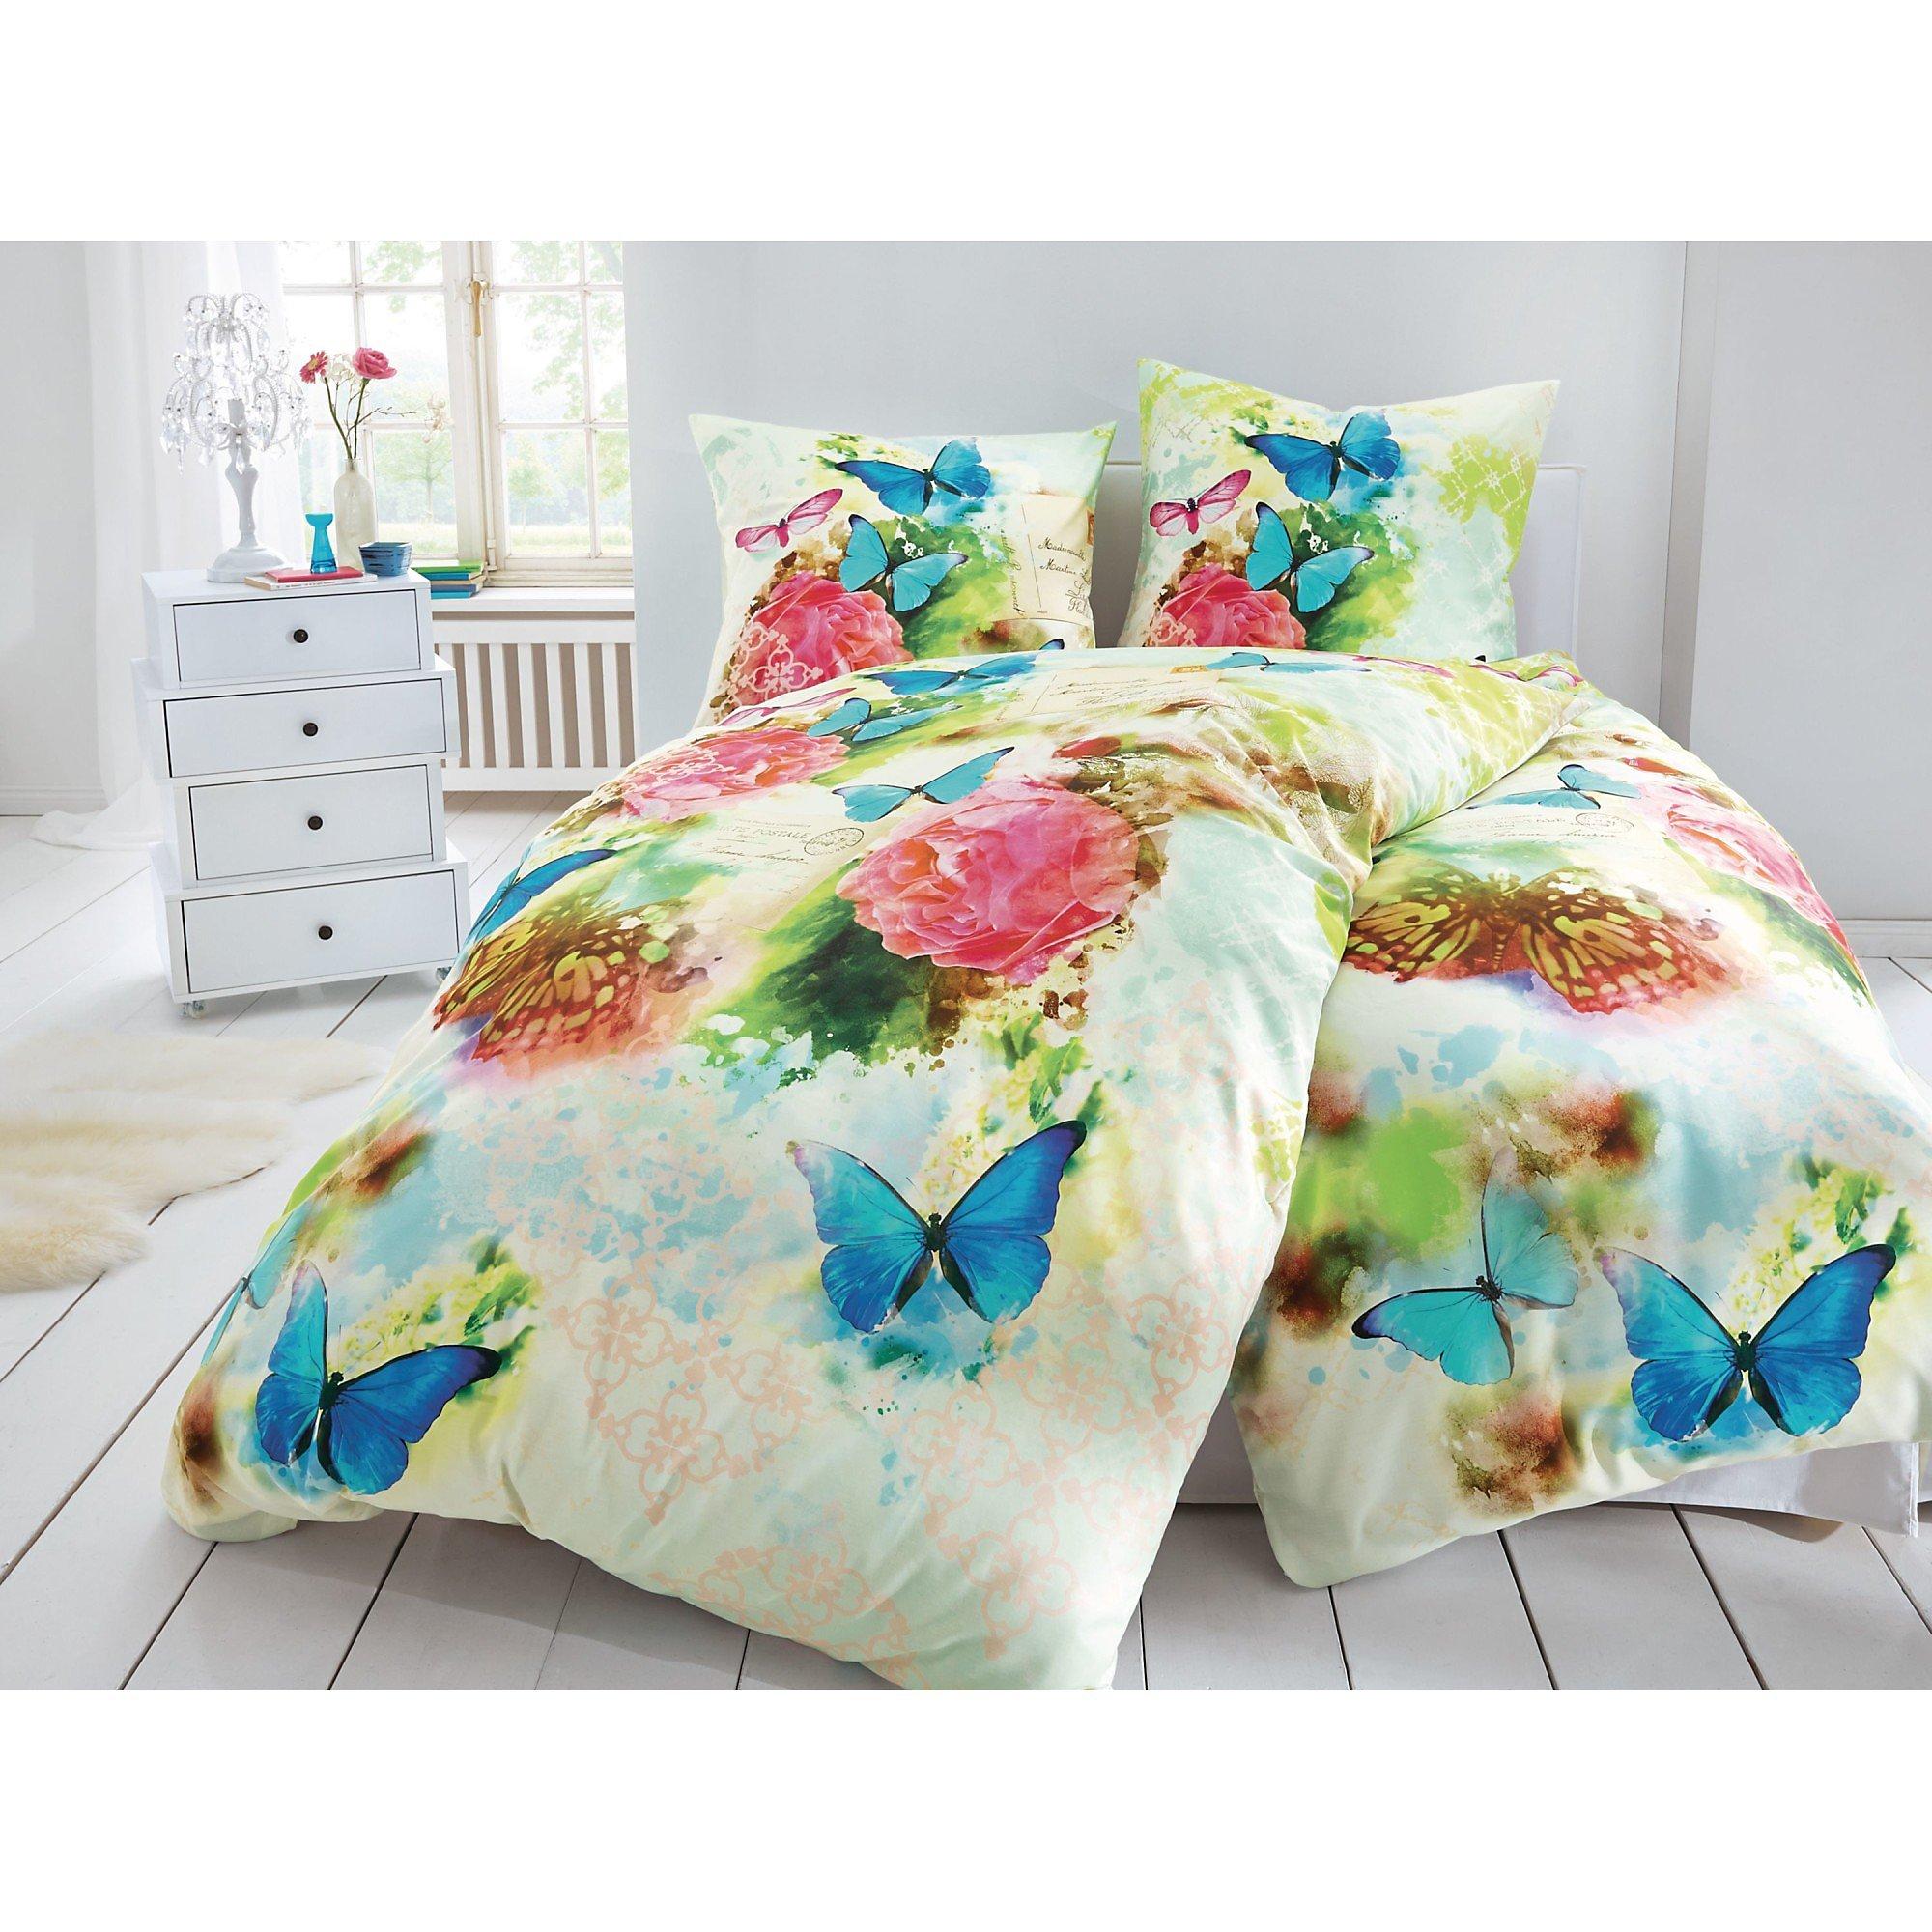 Bettwäsche Schmetterling Creme 155x220 Bestellen Weltbildde